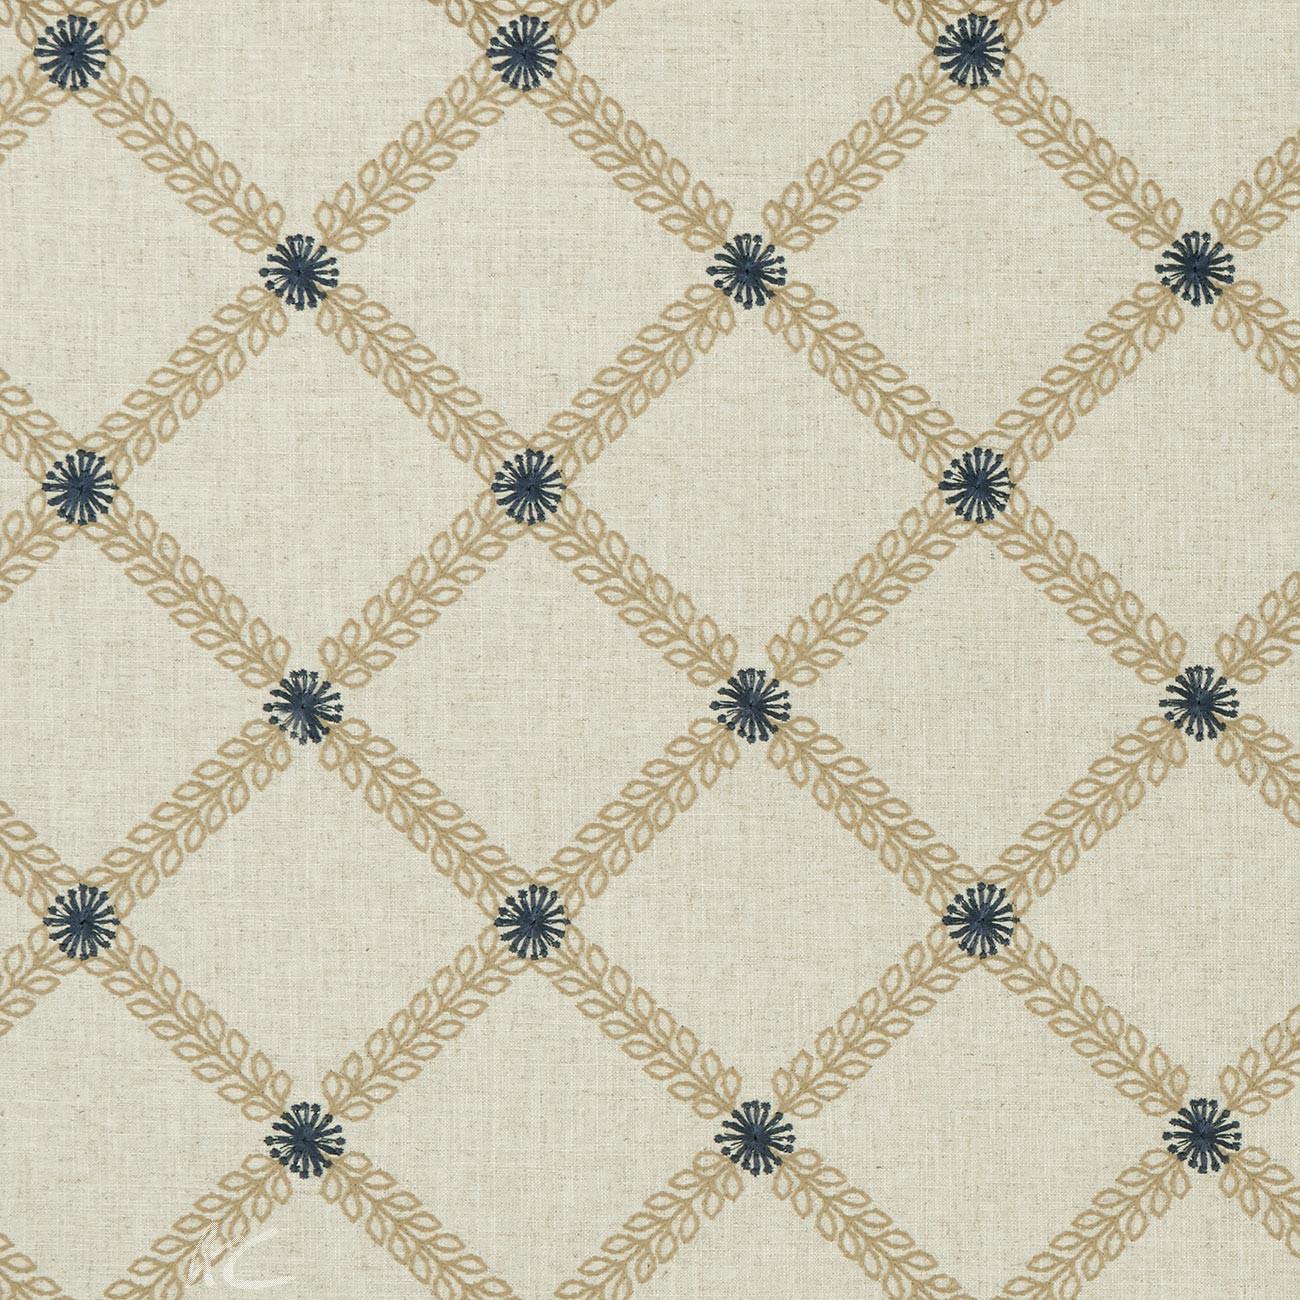 Bloomsbury Cressida Antique/midnight Curtain Fabric